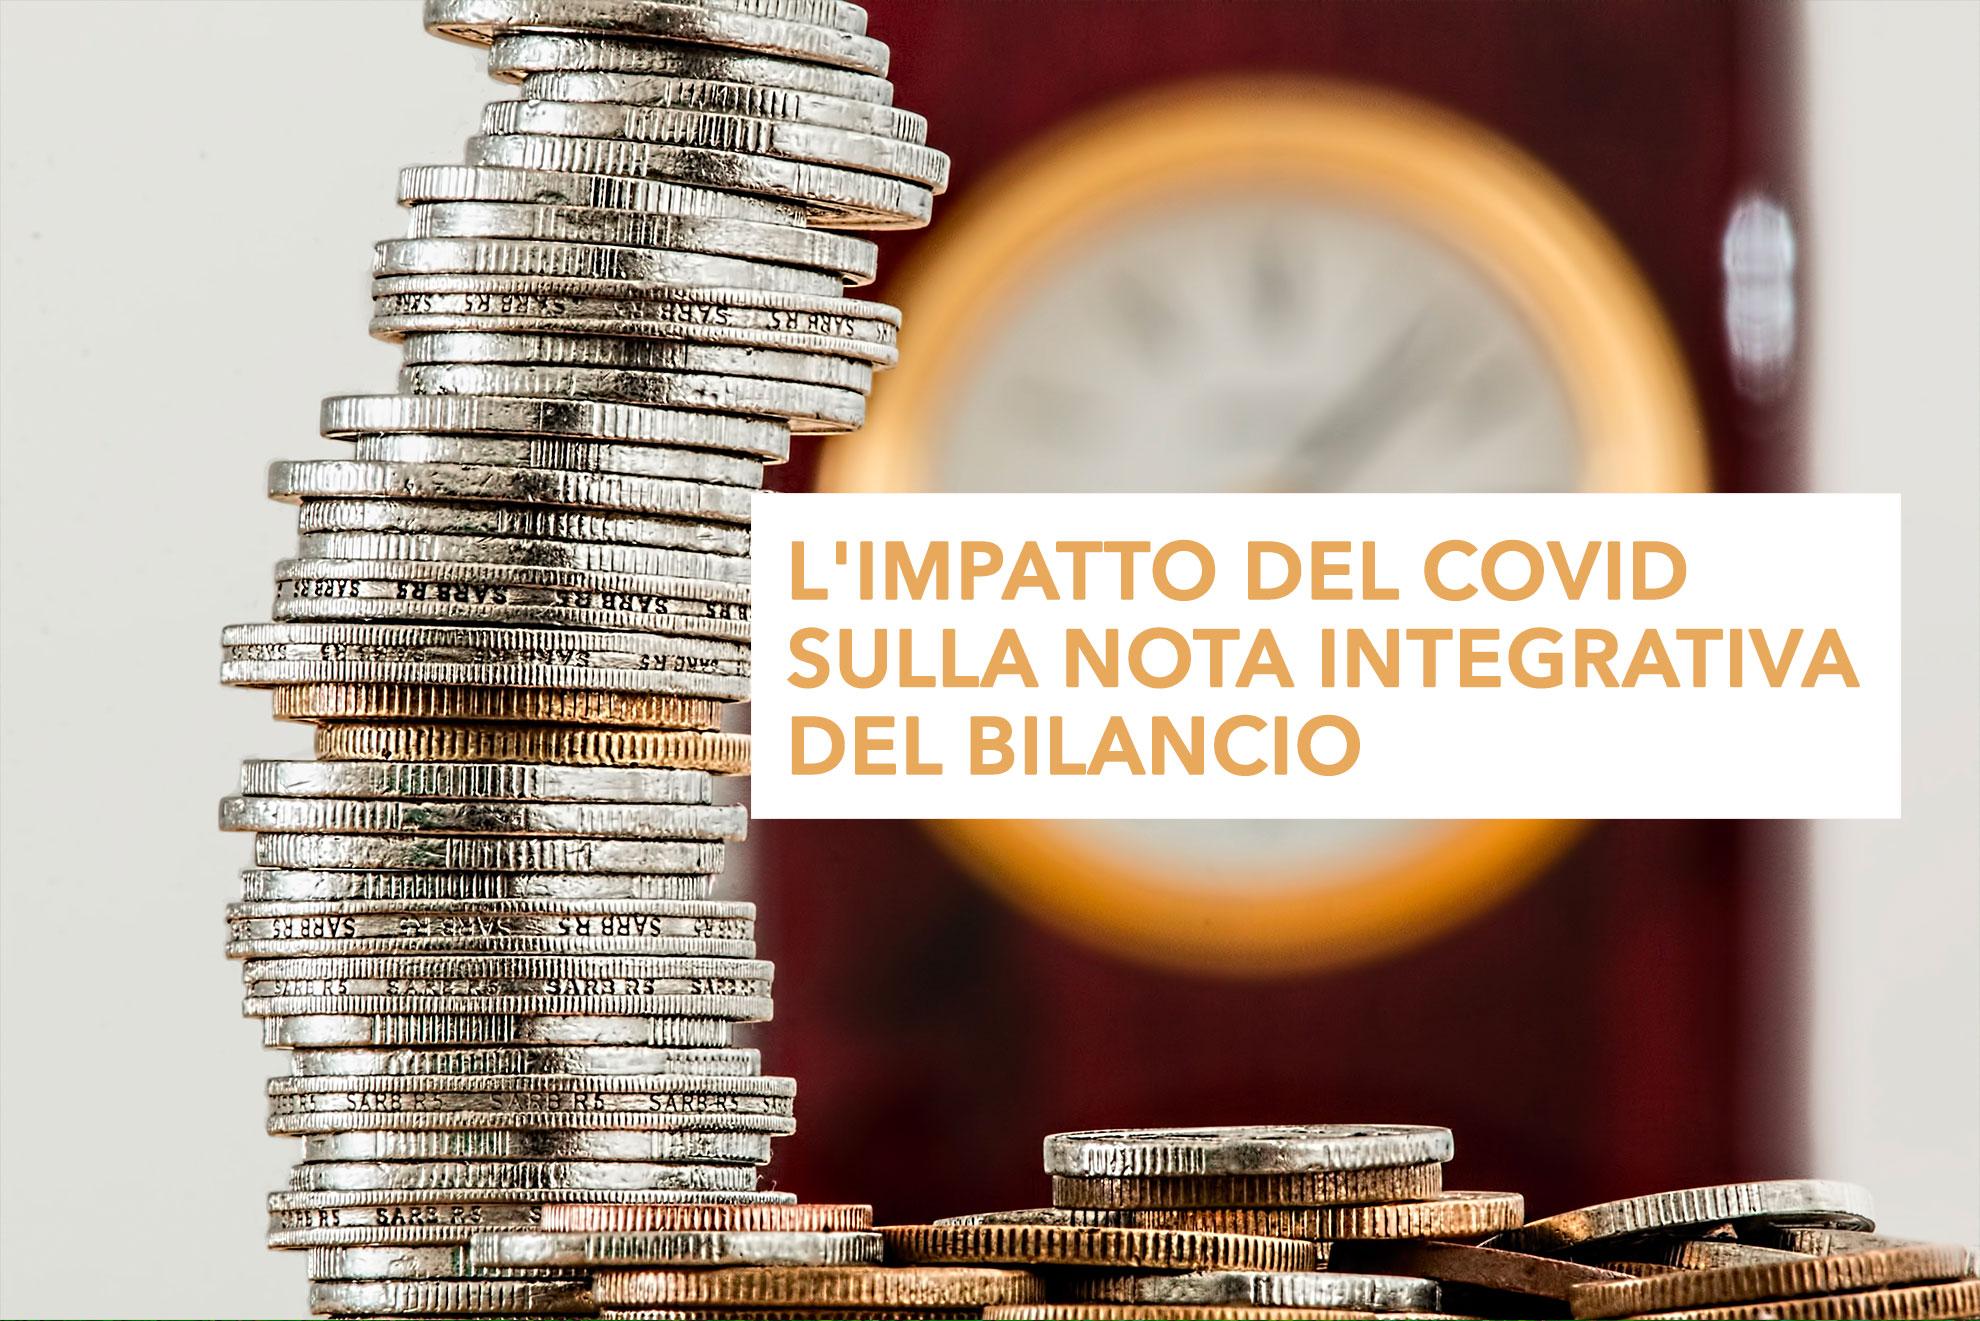 L'impatto del Covid sulla nota integrativa del bilancio